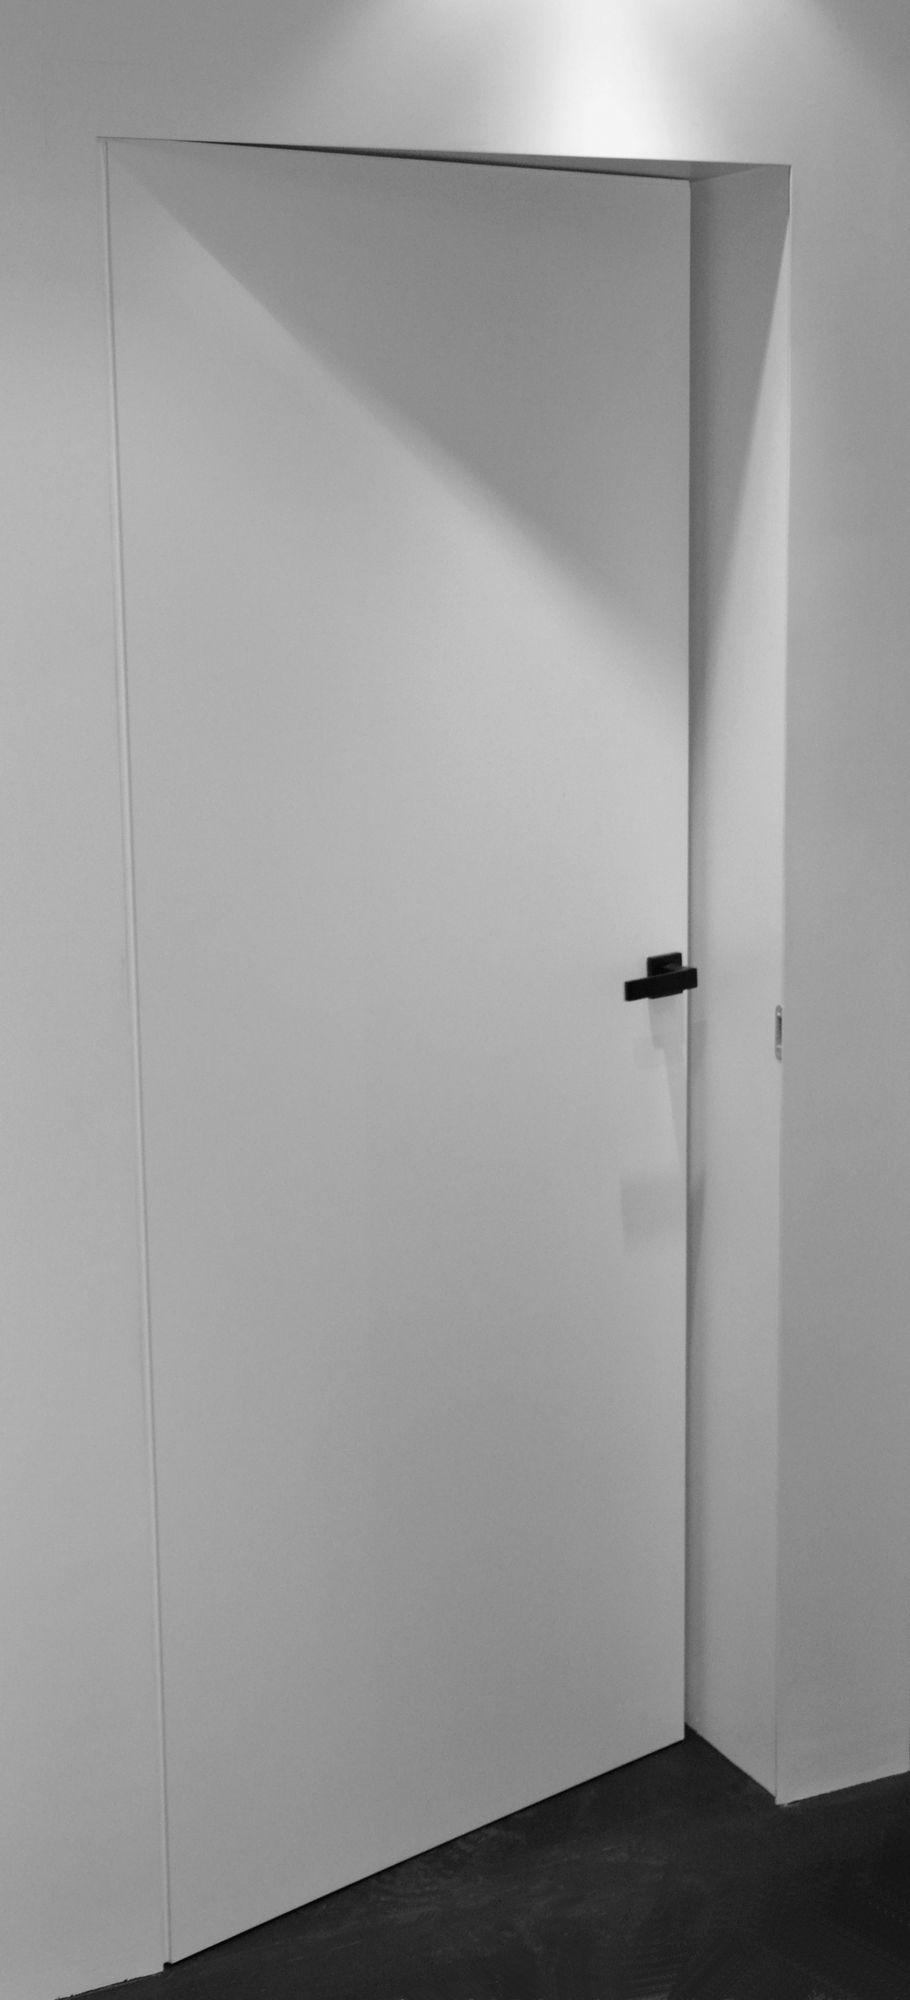 Porta a battente a filo muro collezione p by alu3 - Porta a muro ...